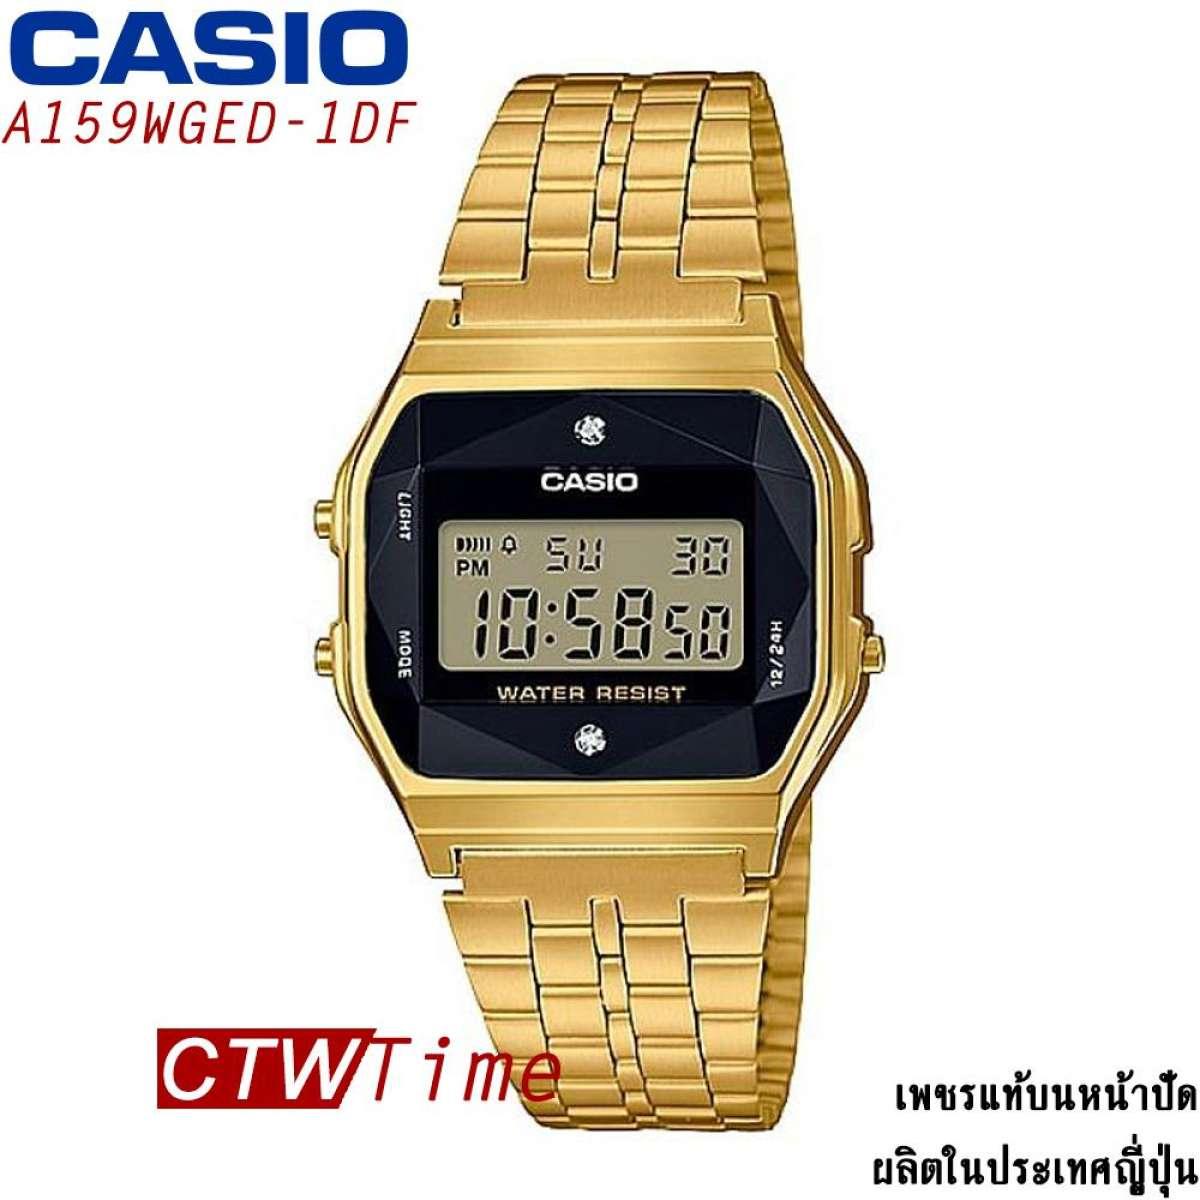 ส่งฟรี !! Casio Standard นาฬิกาข้อมือผู้หญิง/ผู้ชาย สายสแตนเลส รุ่น A159WGED-1DF (Made in JAPAN) 4UYj